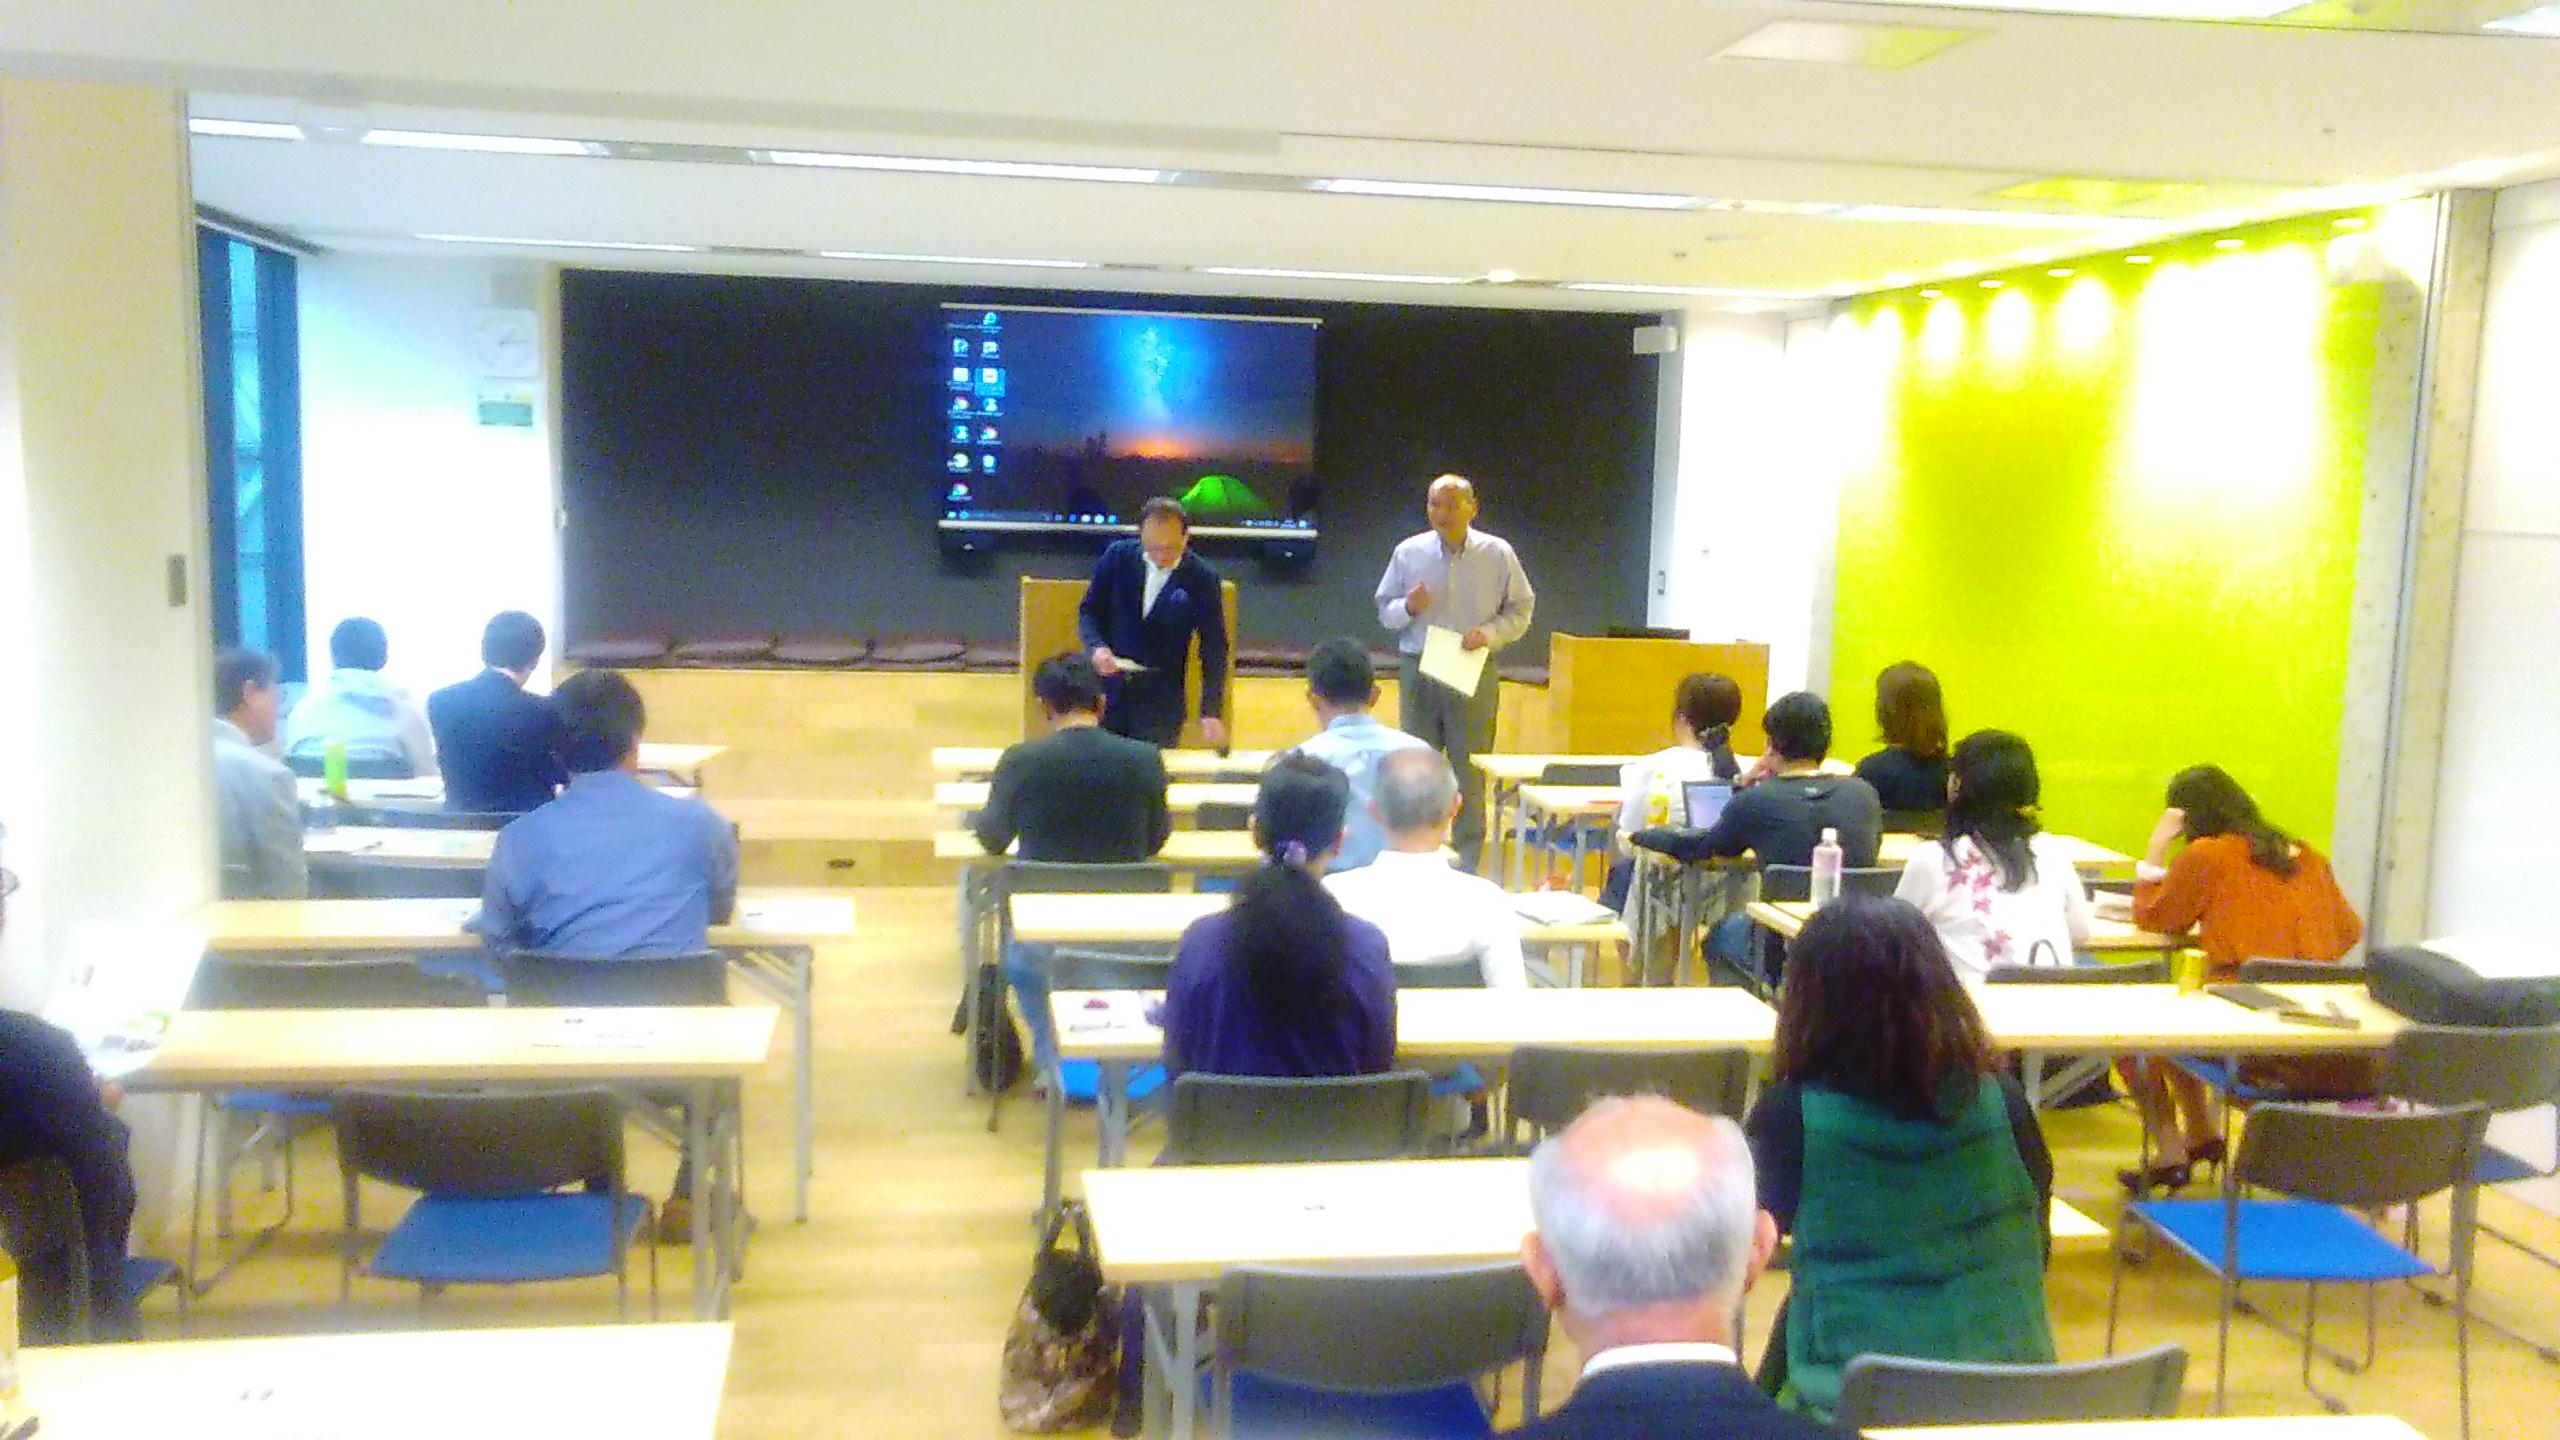 KIMG0188 - 4月1日東京思風塾の開催になります。